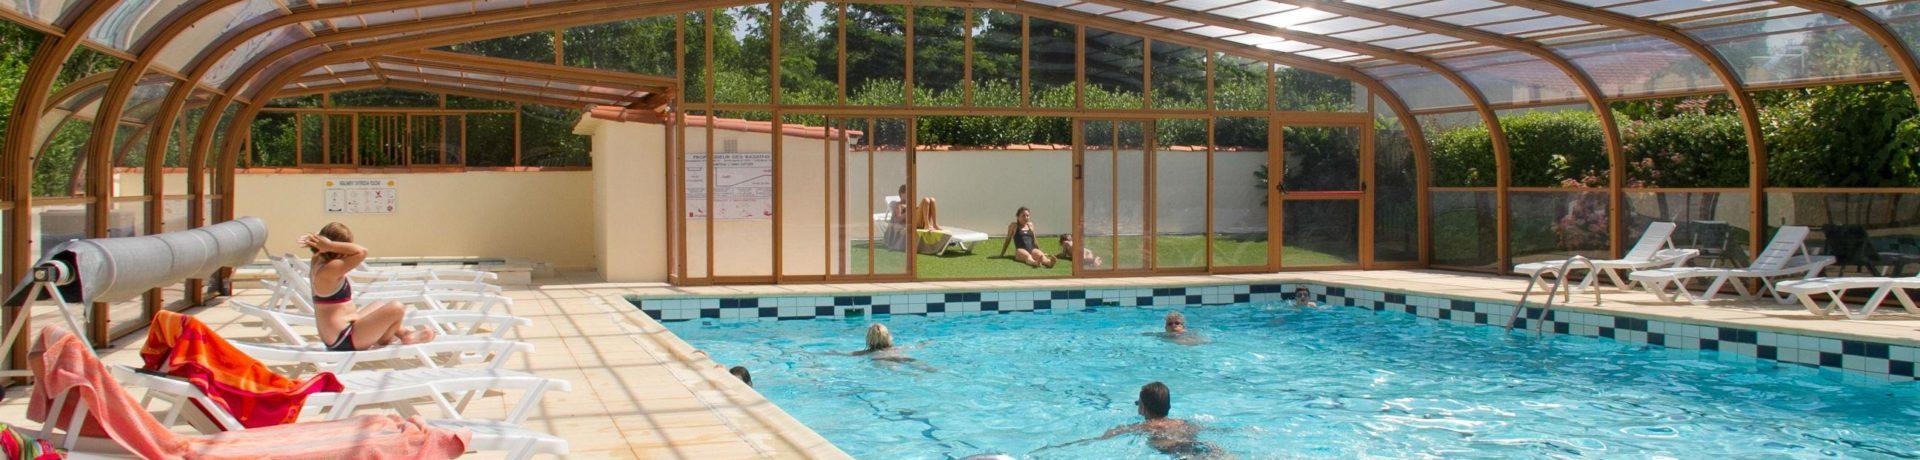 Flower Camping L'abri-Côtier inSaint-Nazaire-sur-Charente is een familiecamping met zwembad op slechts 3 km van het strand in de Charente-Maritime.